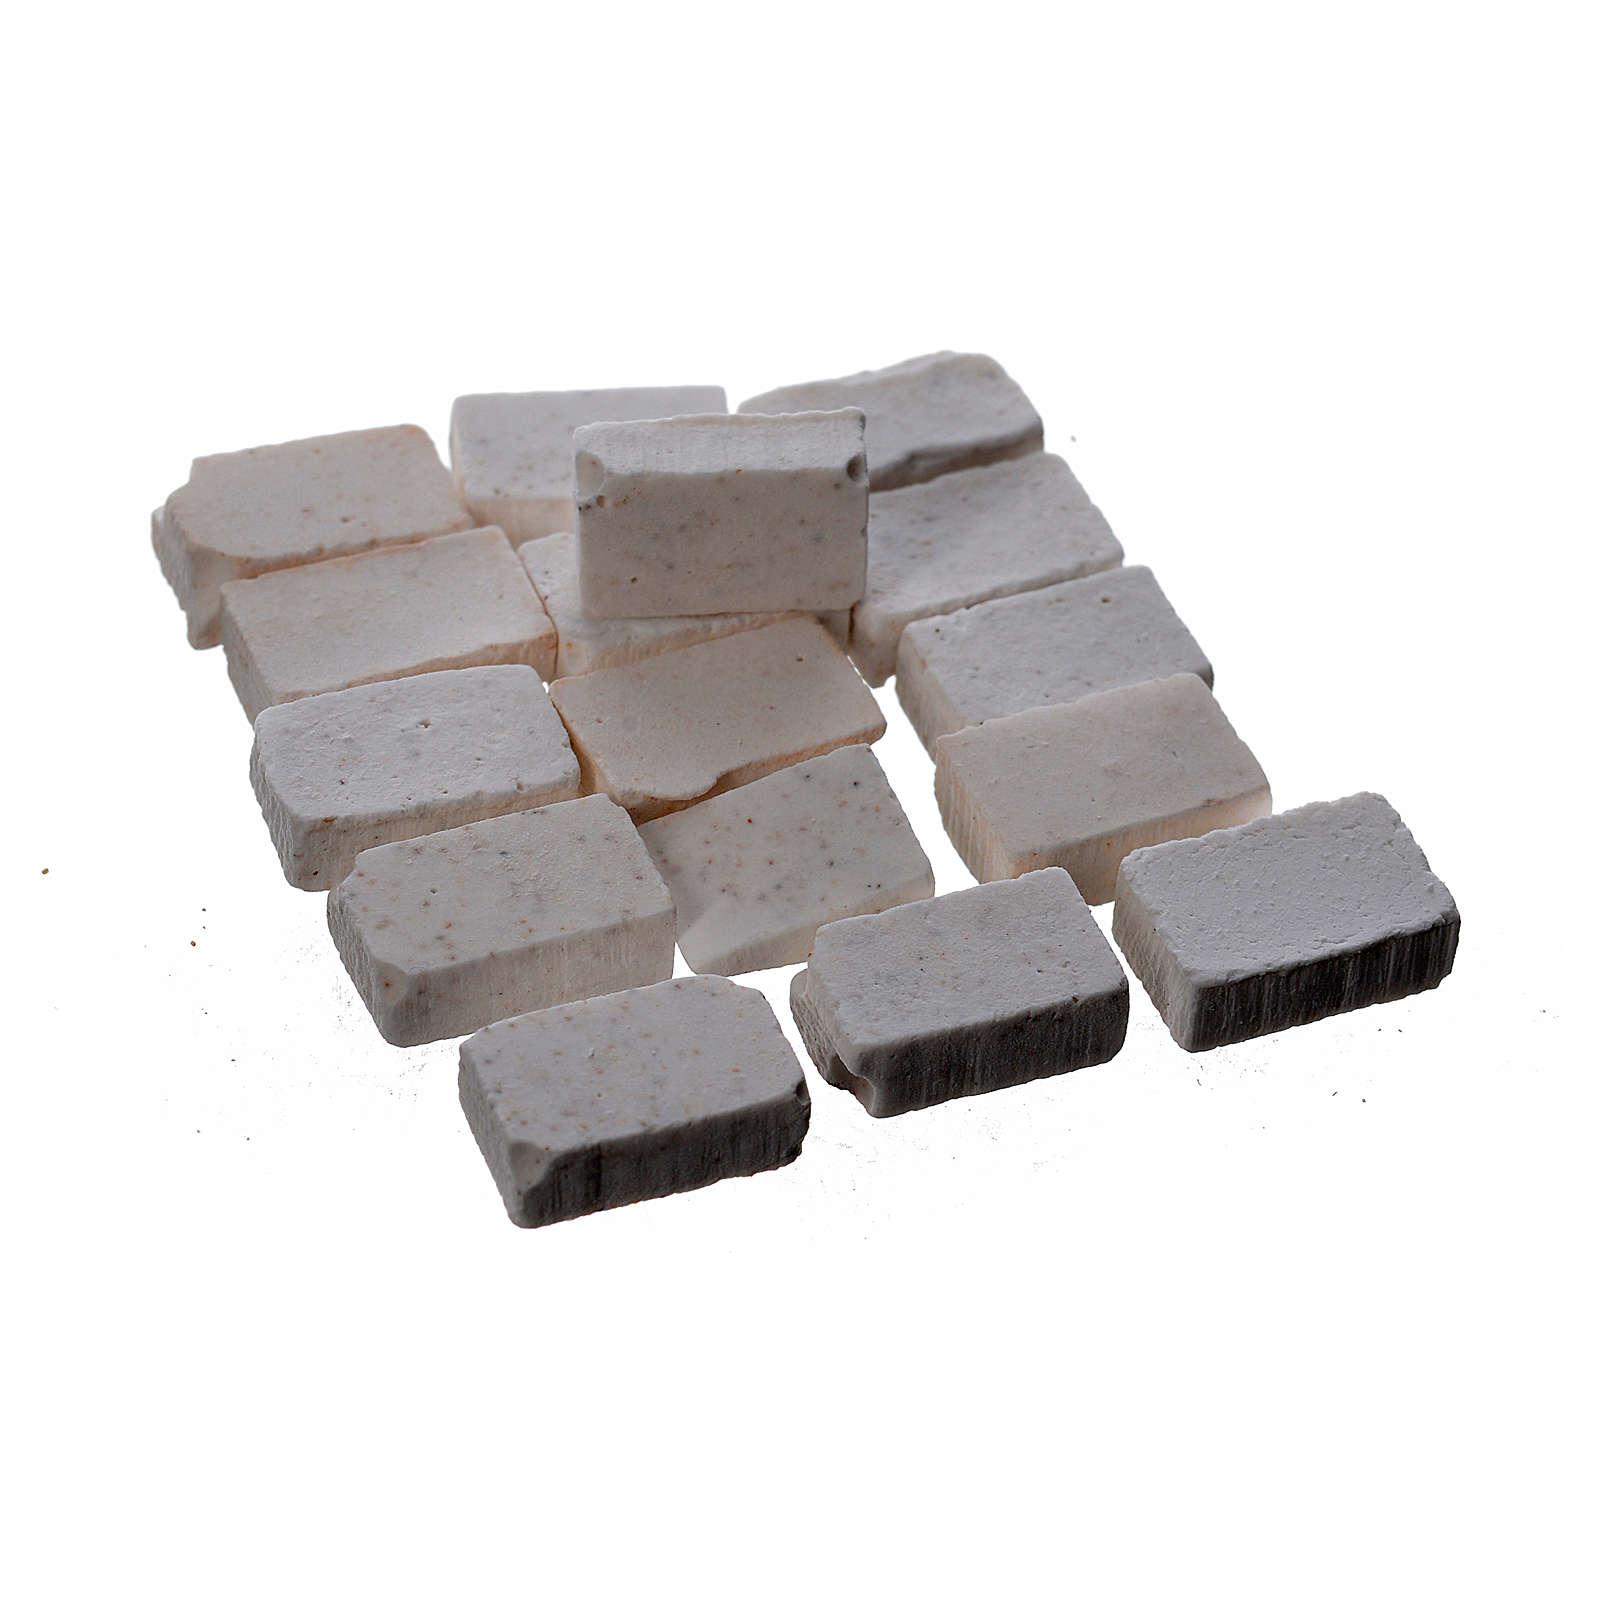 Cegły żywica szare 10x7 mm 100 sztuk 4